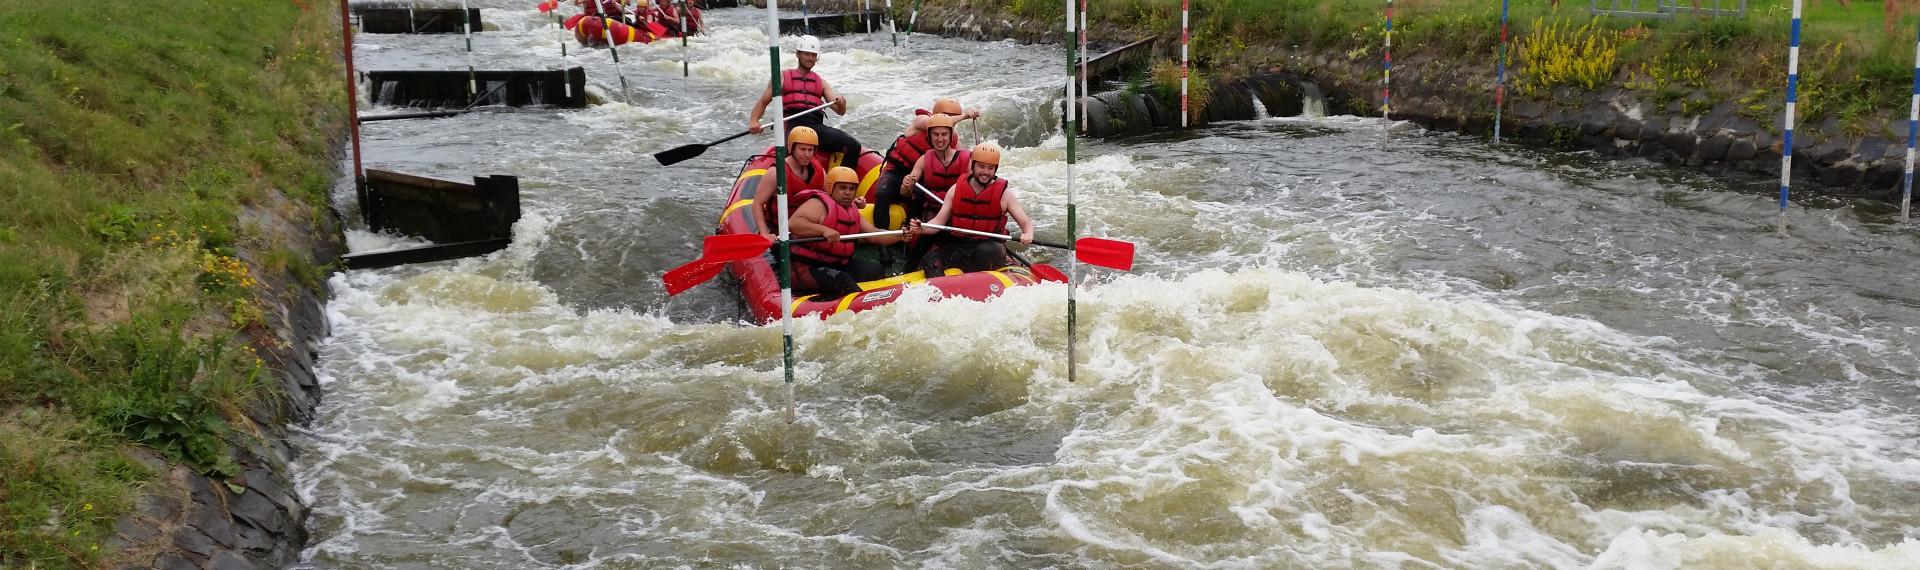 Wildwasser-Rafting Prague